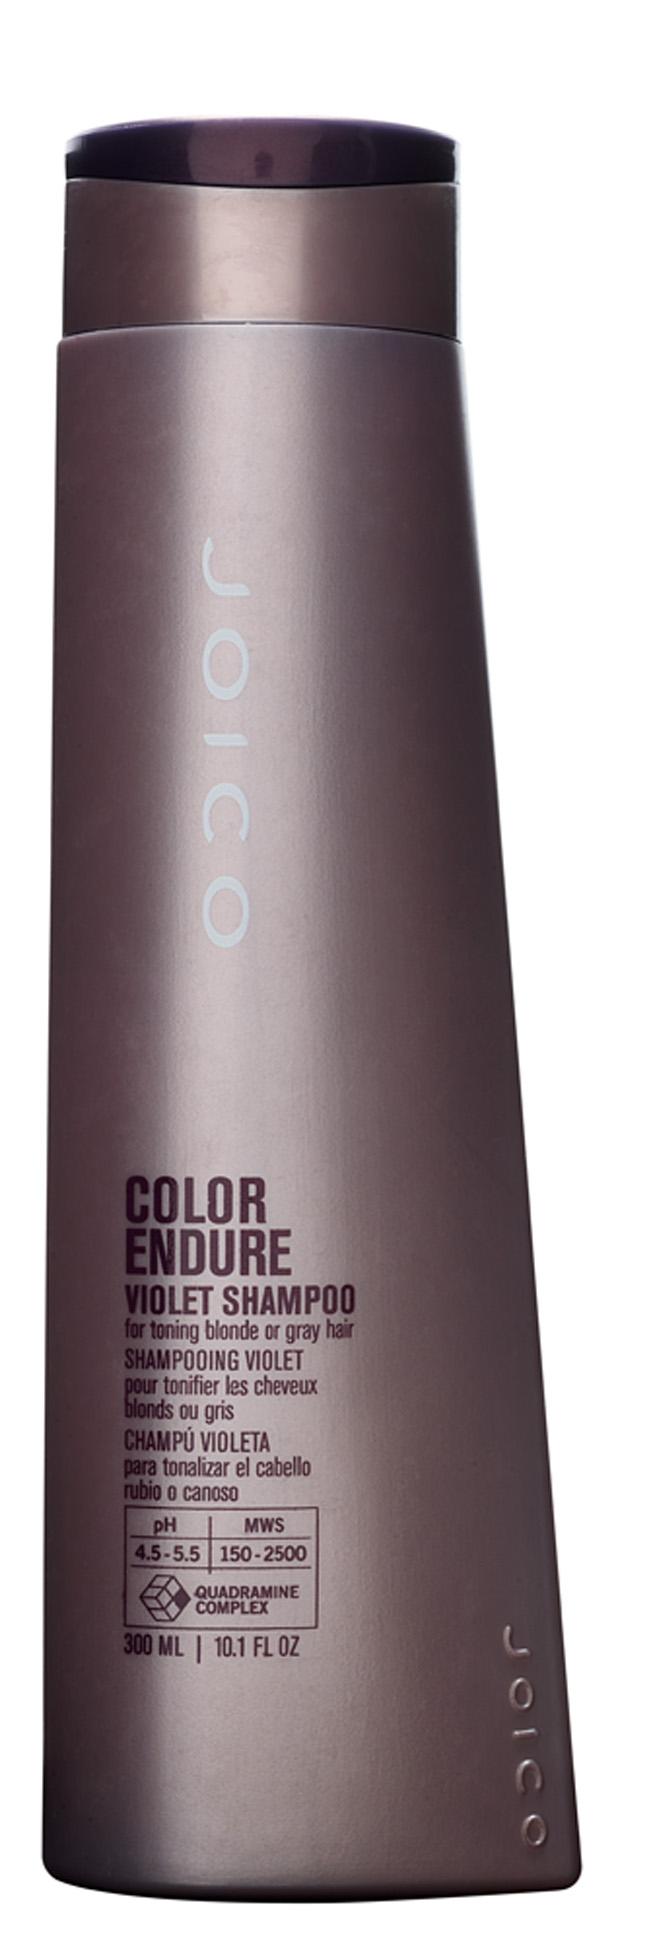 Color Endure, R$ 69: prolonga a duração, a intensidade e o brilho dos tons nos cabelos coloridos. Joico (11) 2770-3770